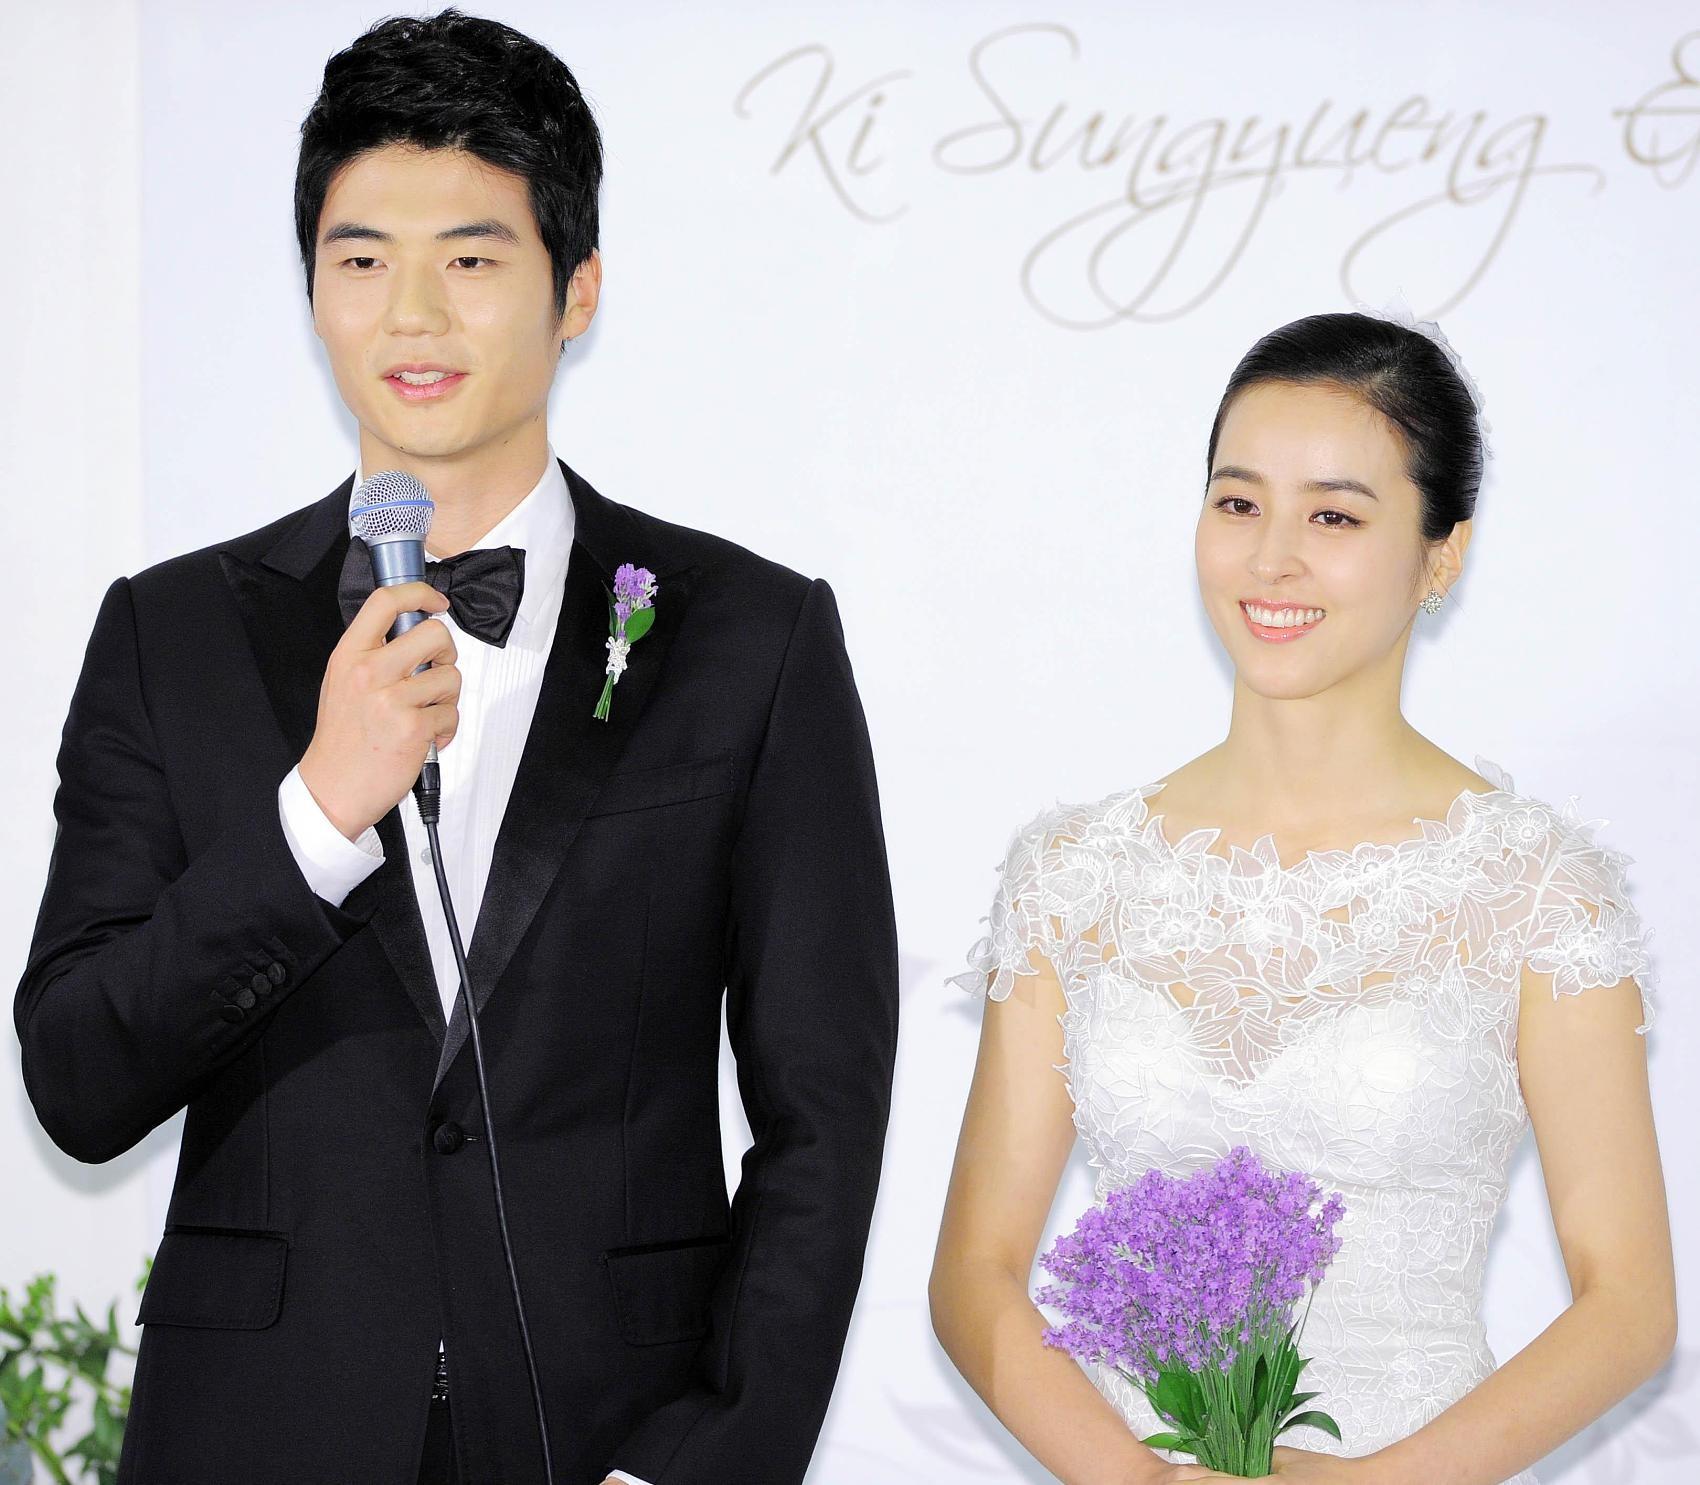 ▲▼奇誠庸2013年與知名女演員韓惠軫完婚。(圖/CFP)